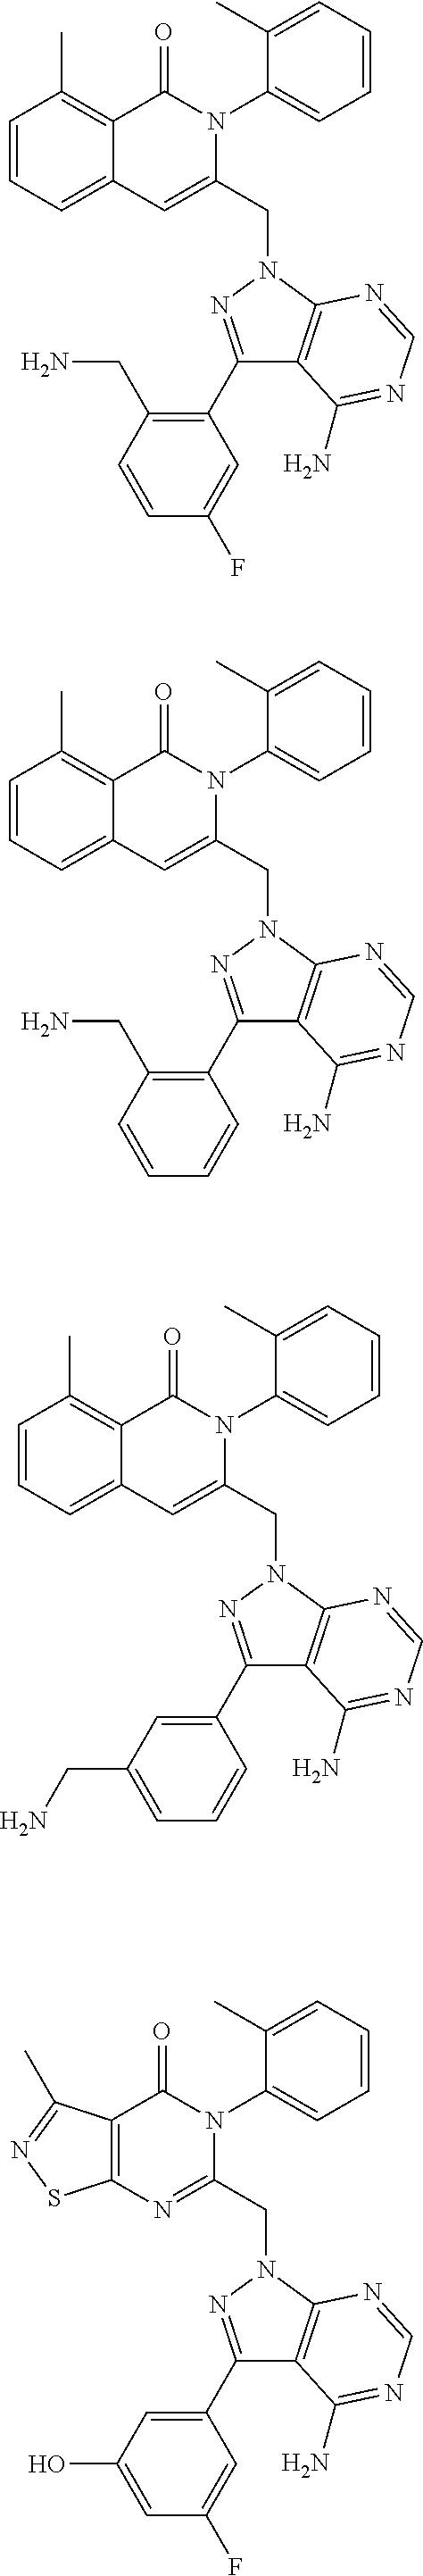 Figure US20110046165A1-20110224-C00330